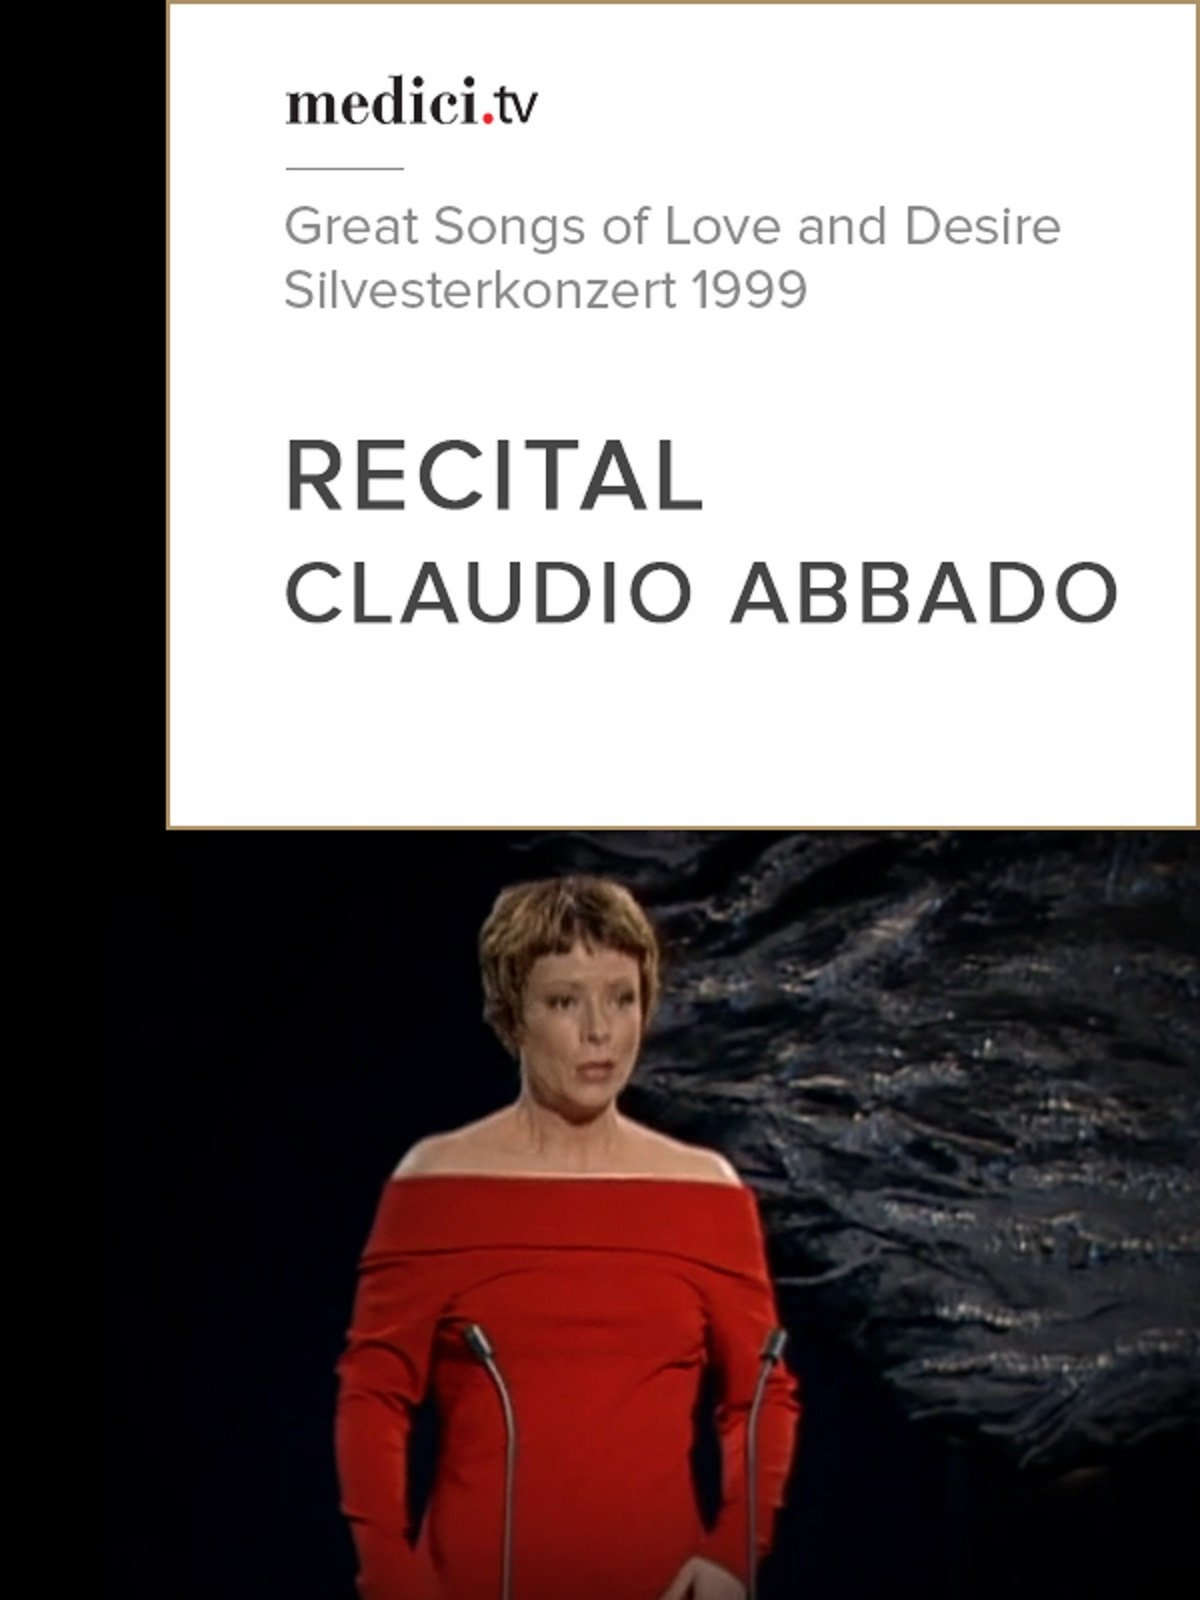 Claudio Abbado Recital